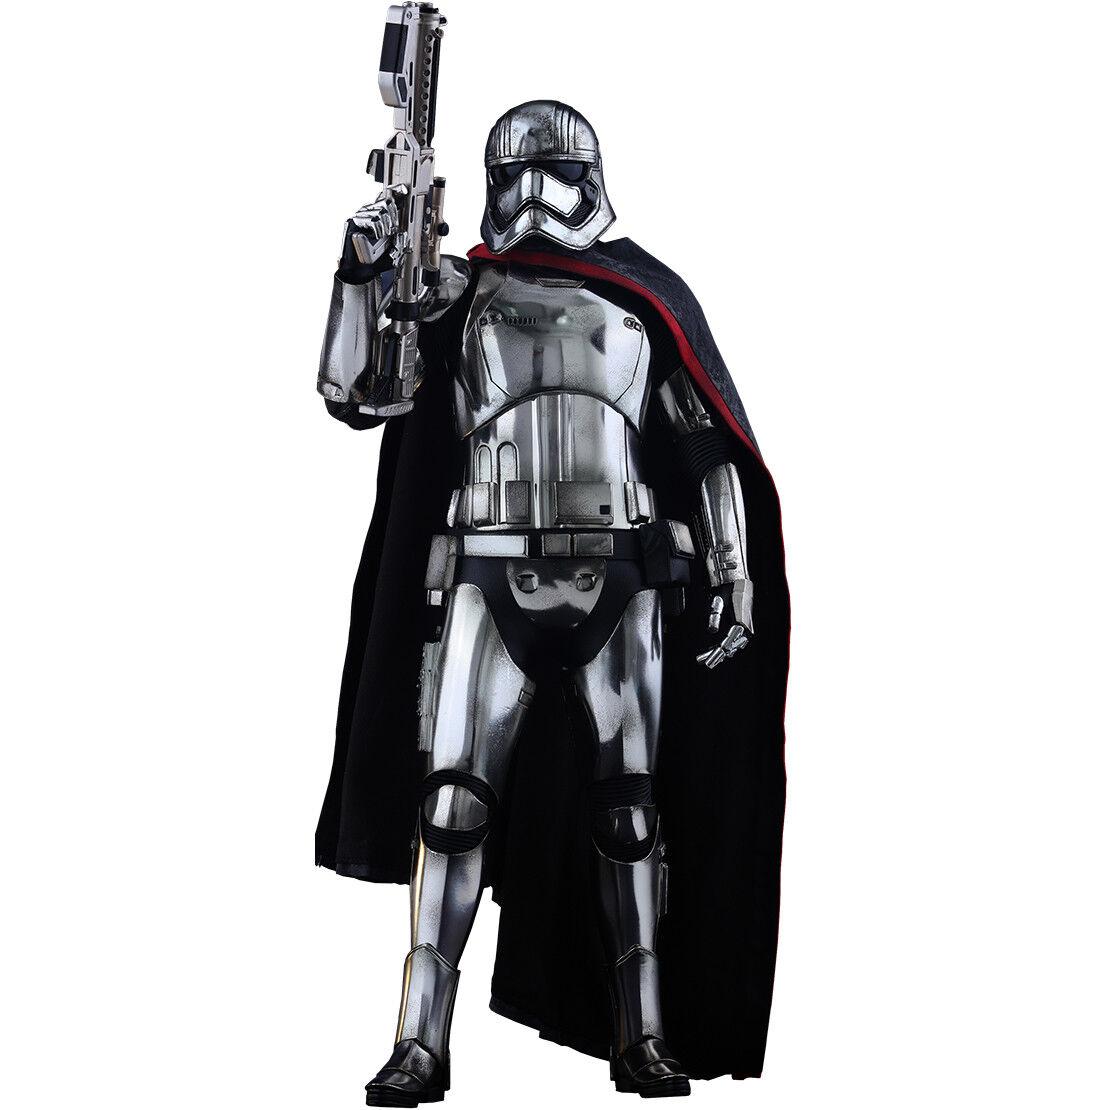 Star Wars Episodio VII: la fuerza despierta-capitán phasma Hot Toys Escala 16th un